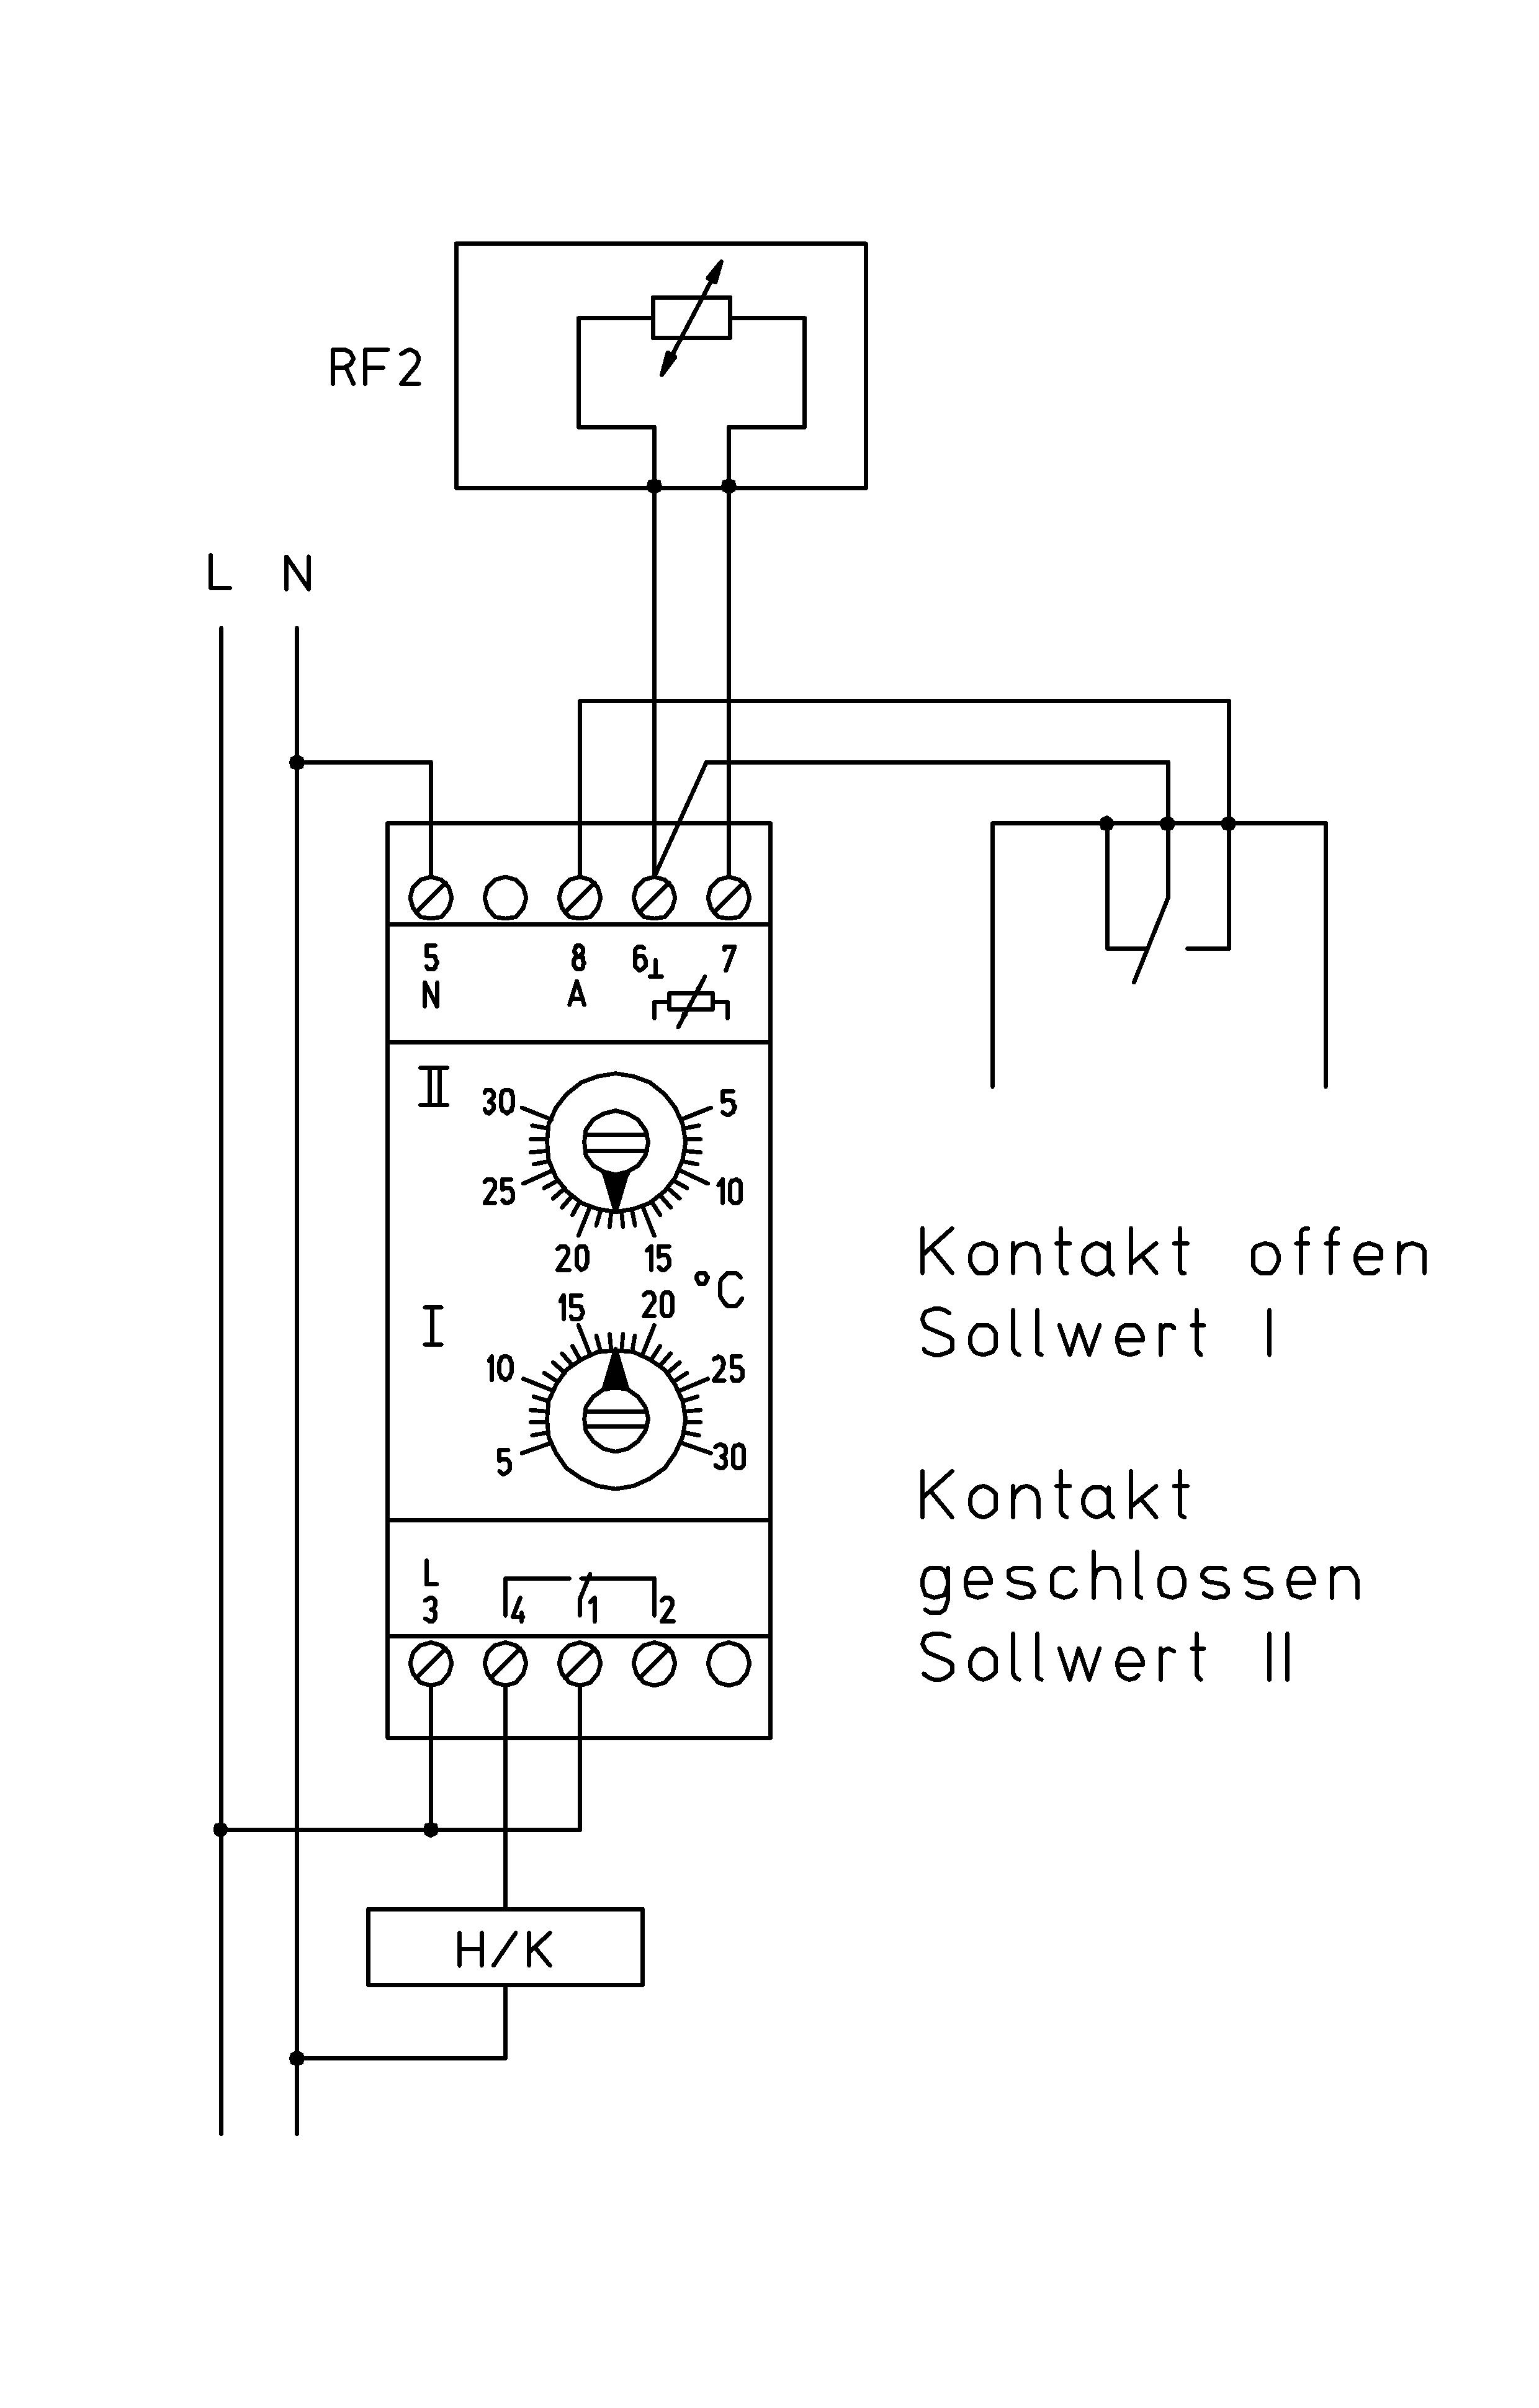 D4780508 Circuit diagram